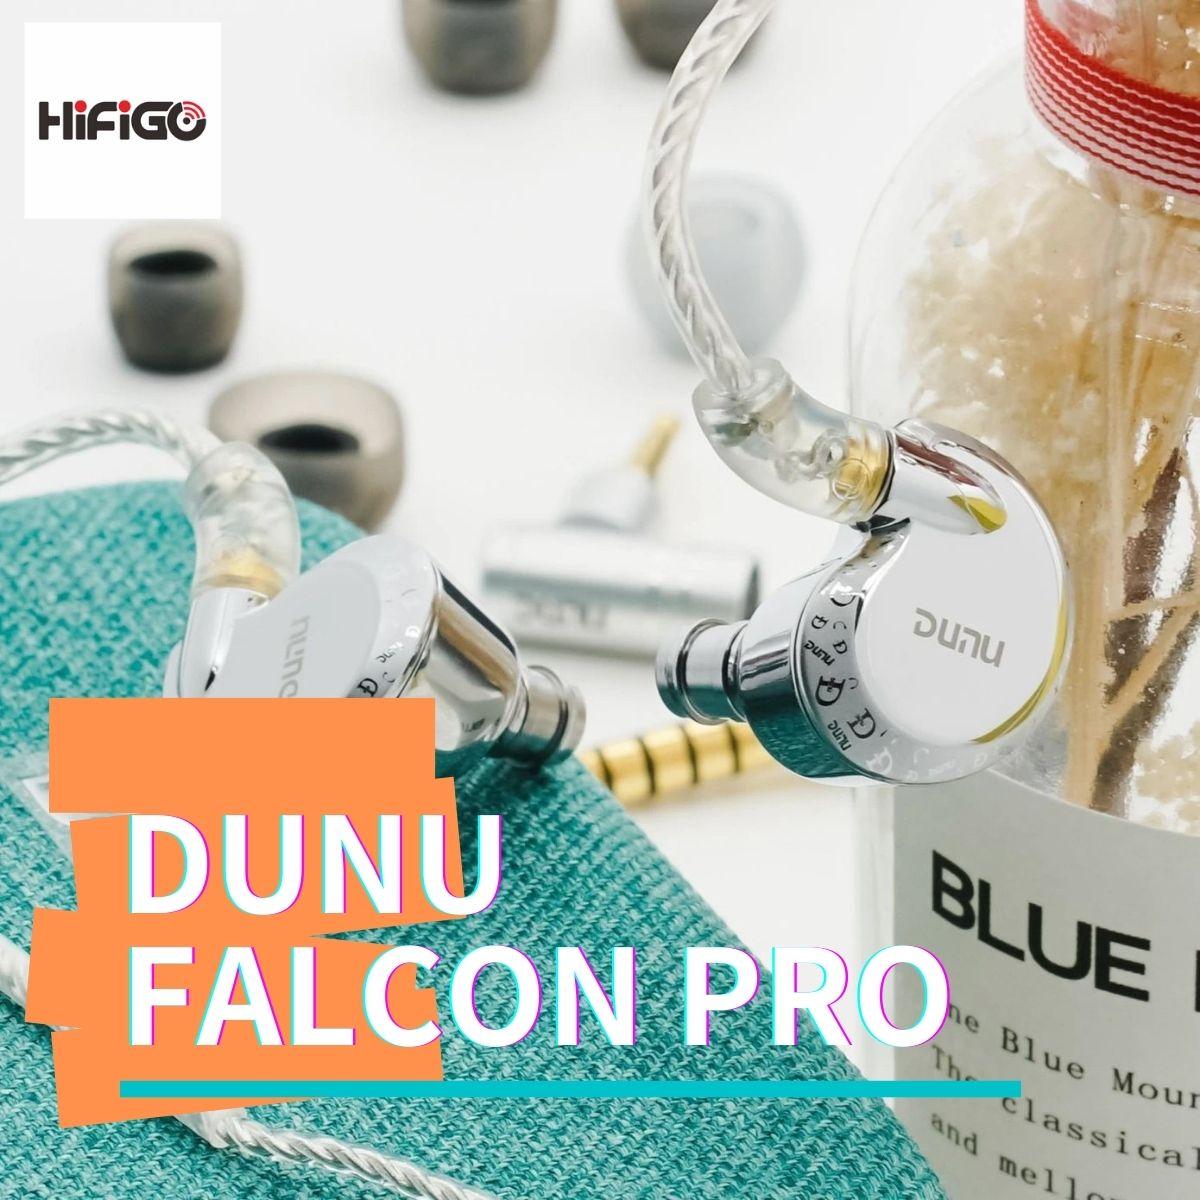 【HiFiGOニュース】DUNU Falcon Pro:DUNU最新のECLIPSEダイナミック・ドライバーIEMをお求めやすい価格で提供